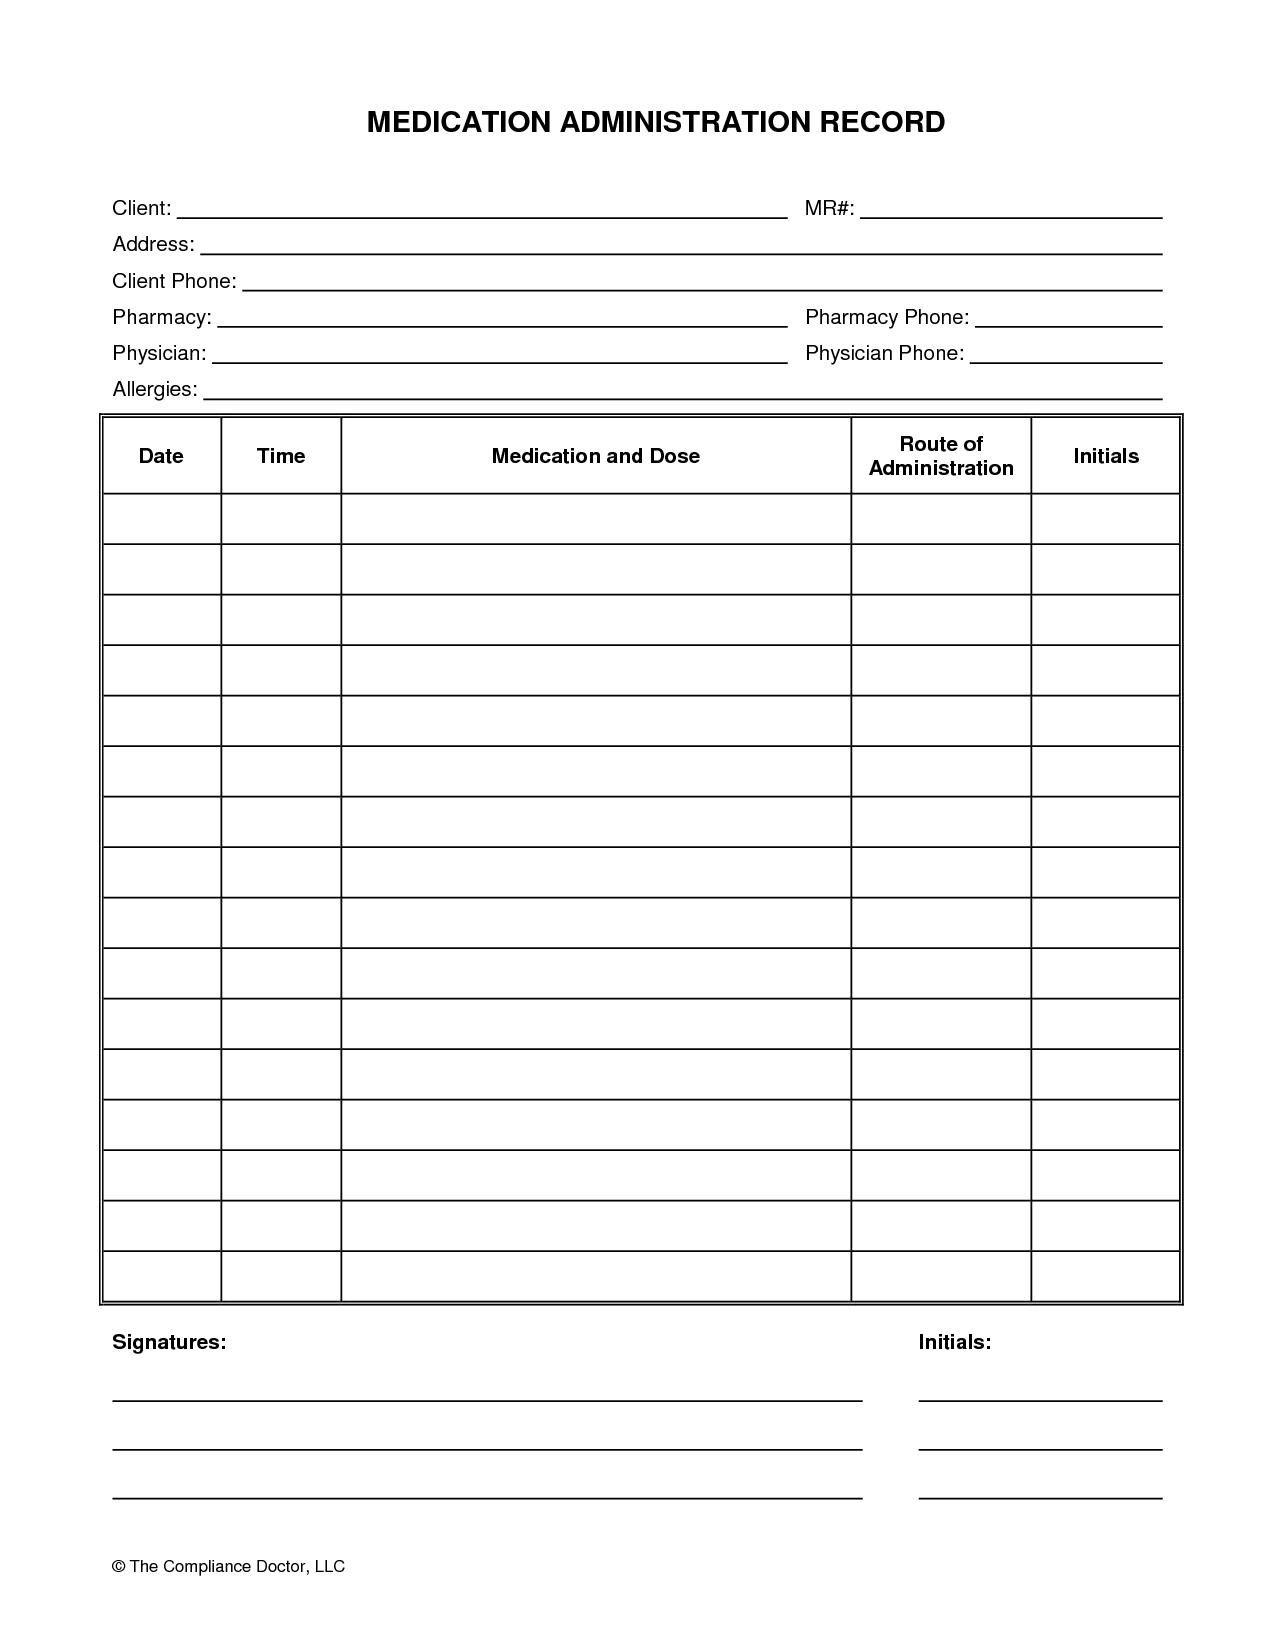 Printable Chart Printable-Medication-Chart-Daily-4 Printable - Medication Chart Printable Free